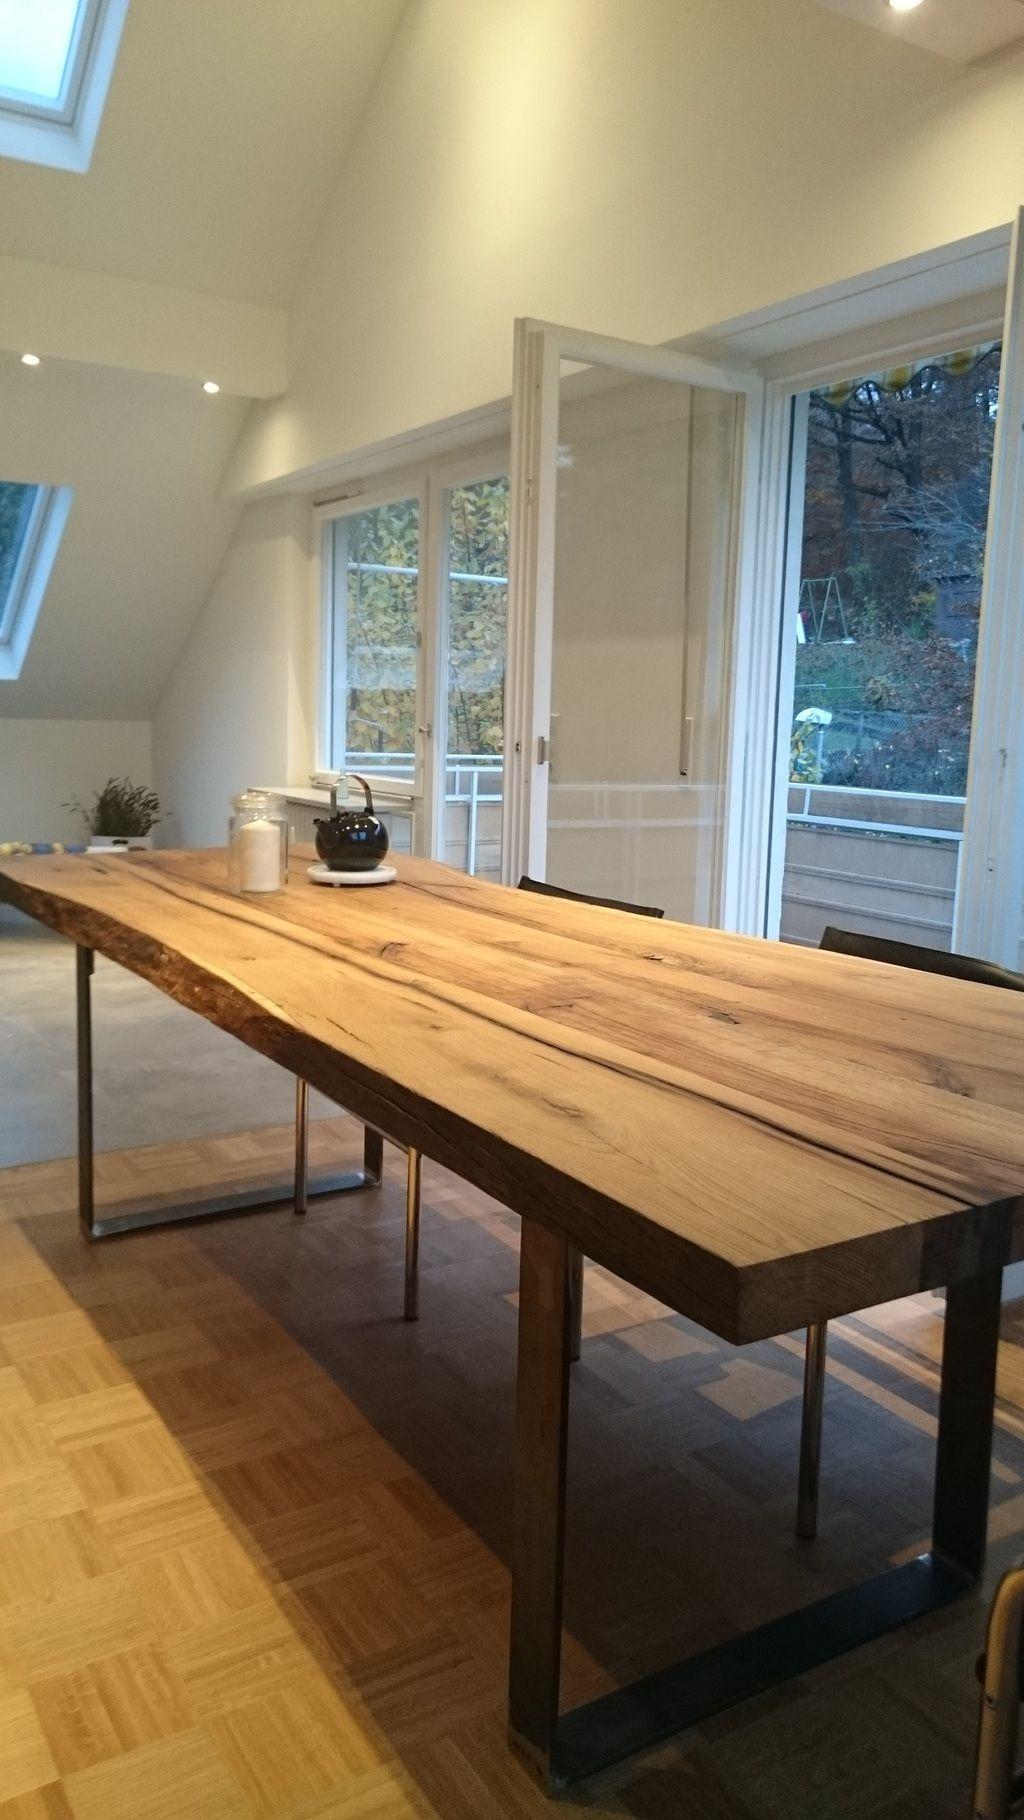 tisch rom italienisches temperament wohnzimmer pinterest rom italienisch und tisch. Black Bedroom Furniture Sets. Home Design Ideas